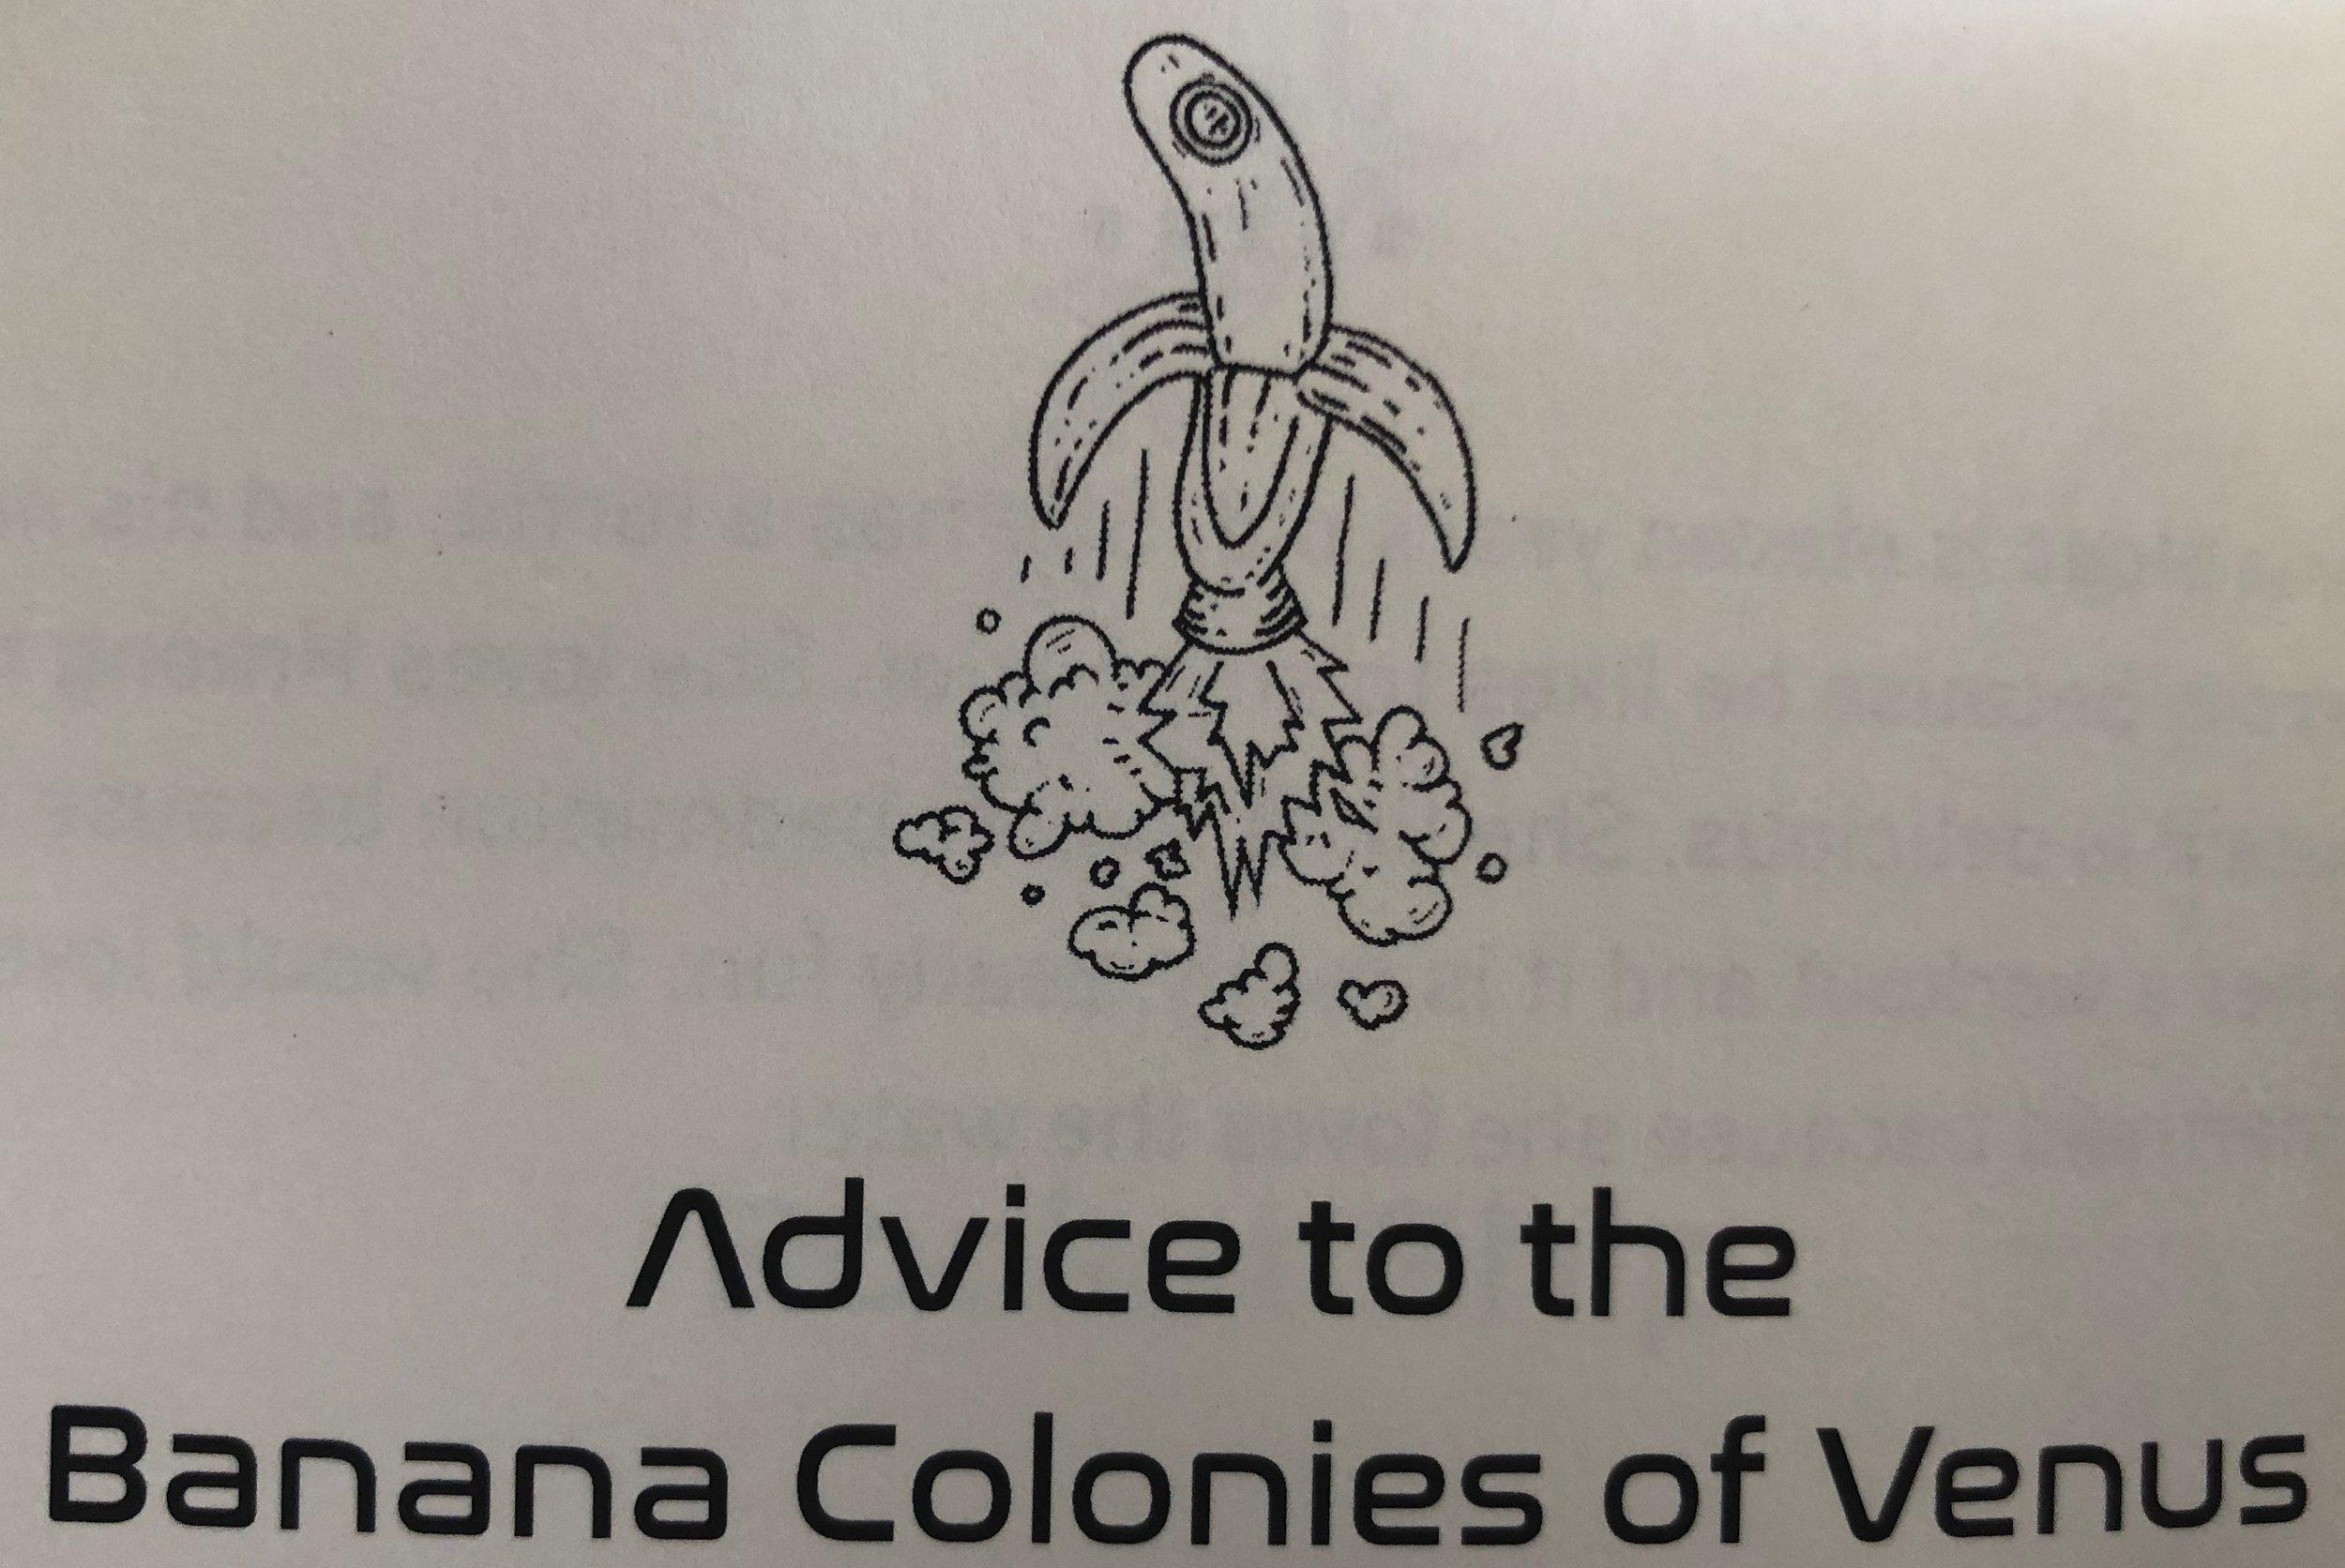 BananaColonies.jpg